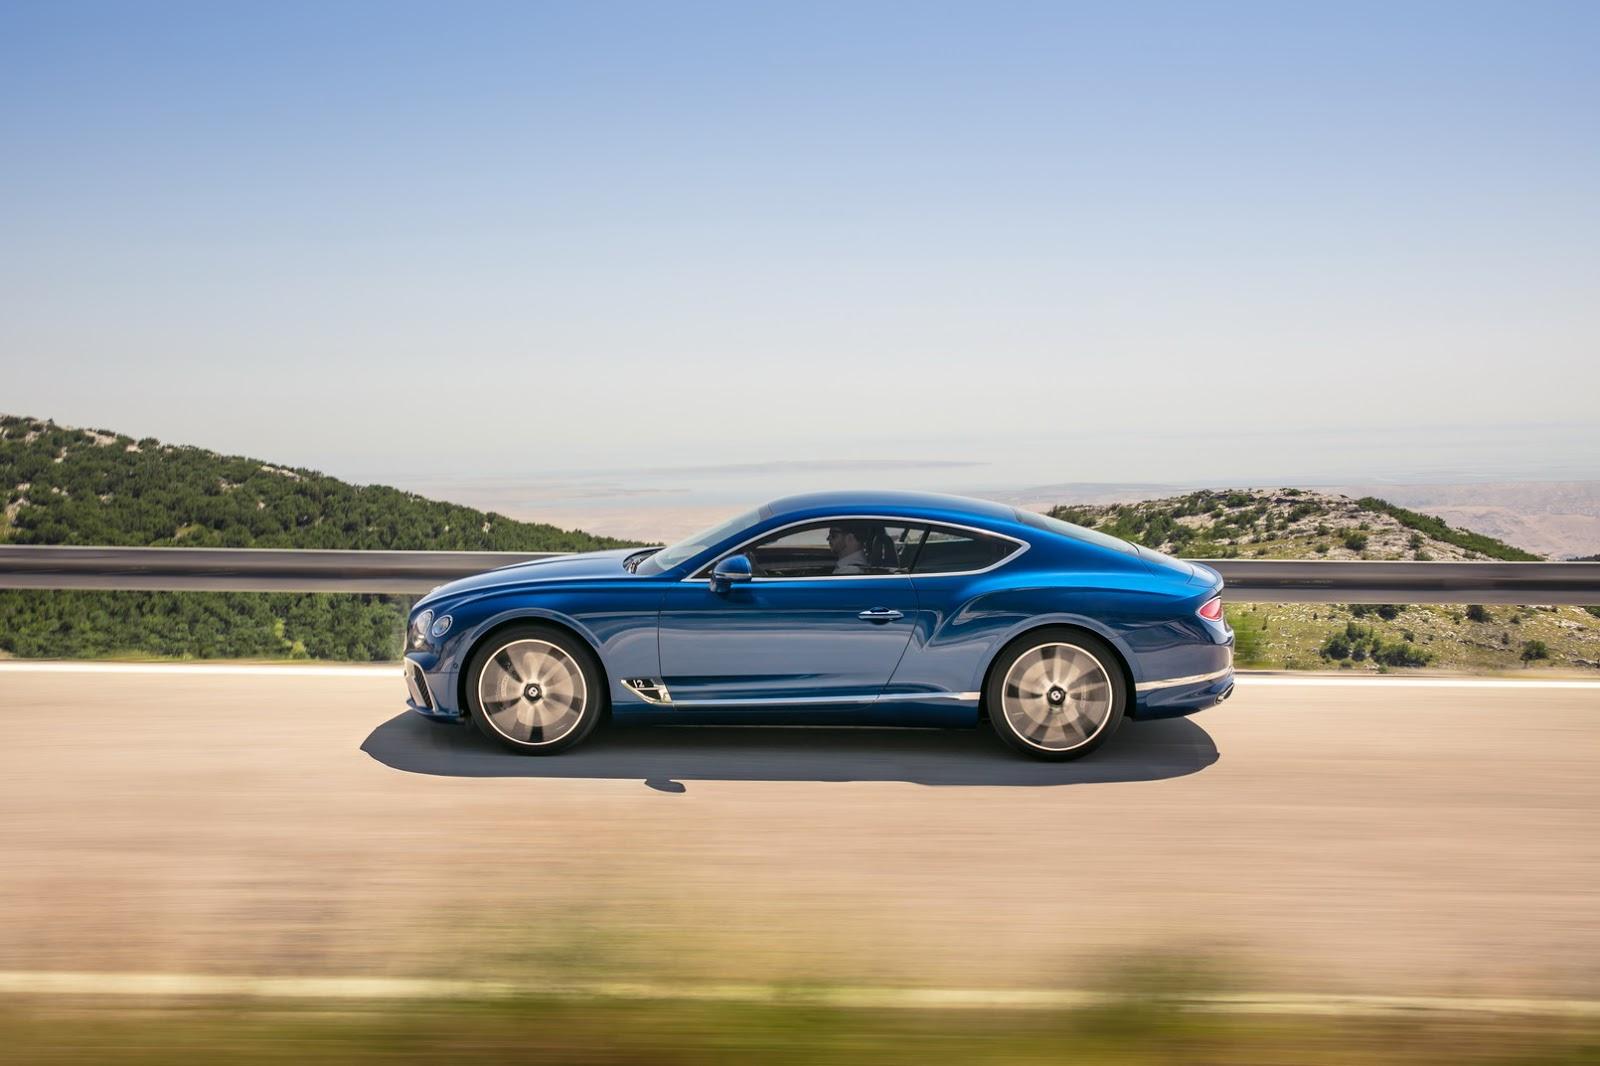 2018-Bentley-Continental-GT-34